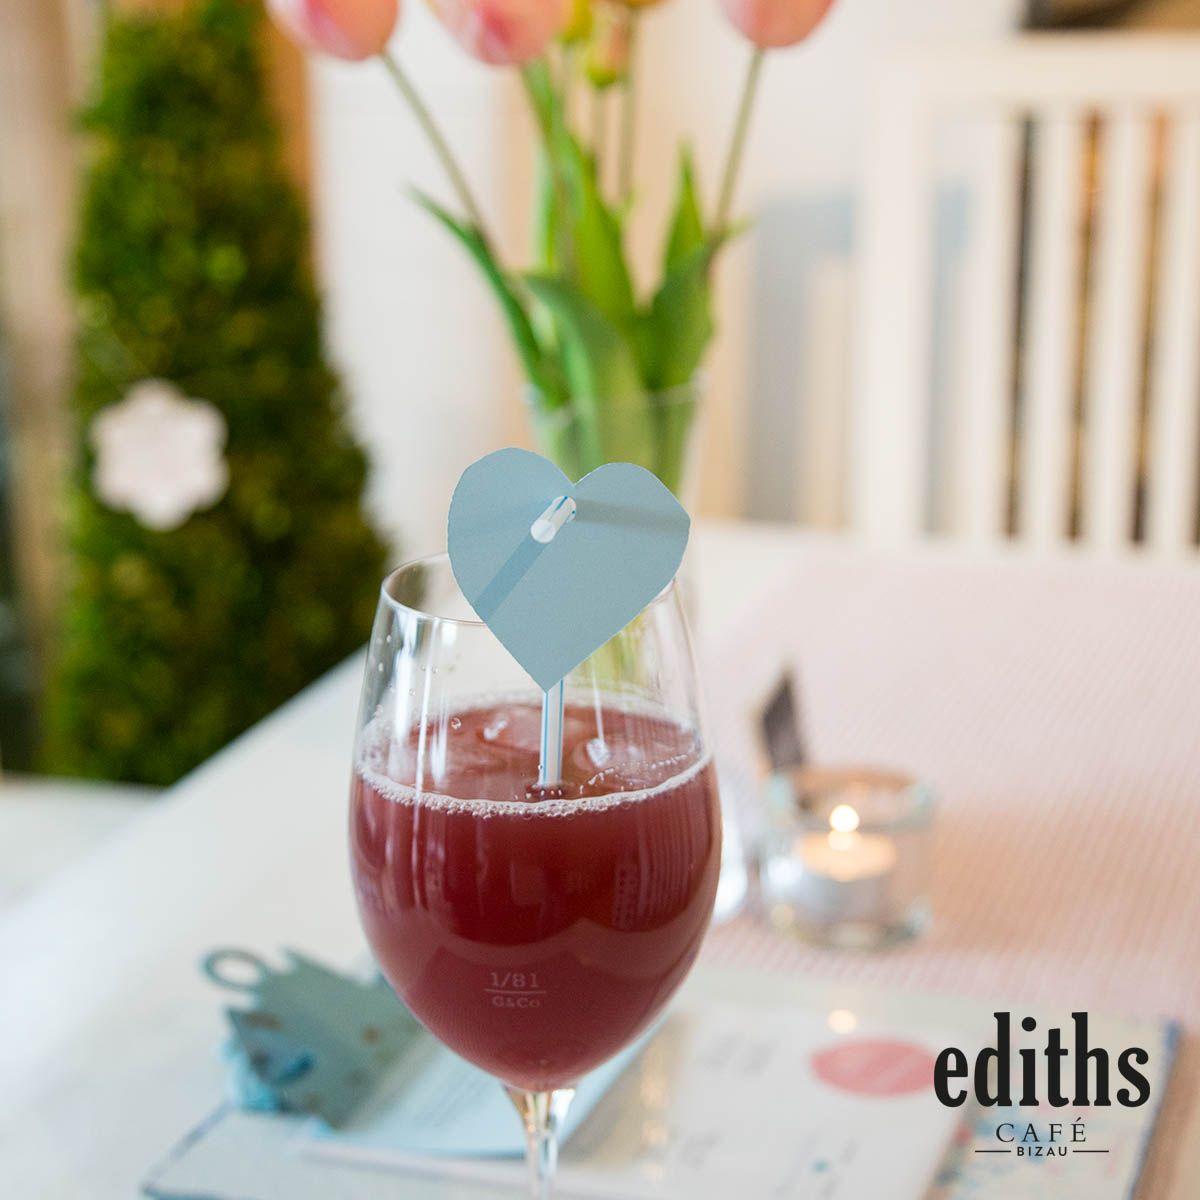 Unser lieber Christoph vom ediths Café in Bizau kreiert immer wieder ...